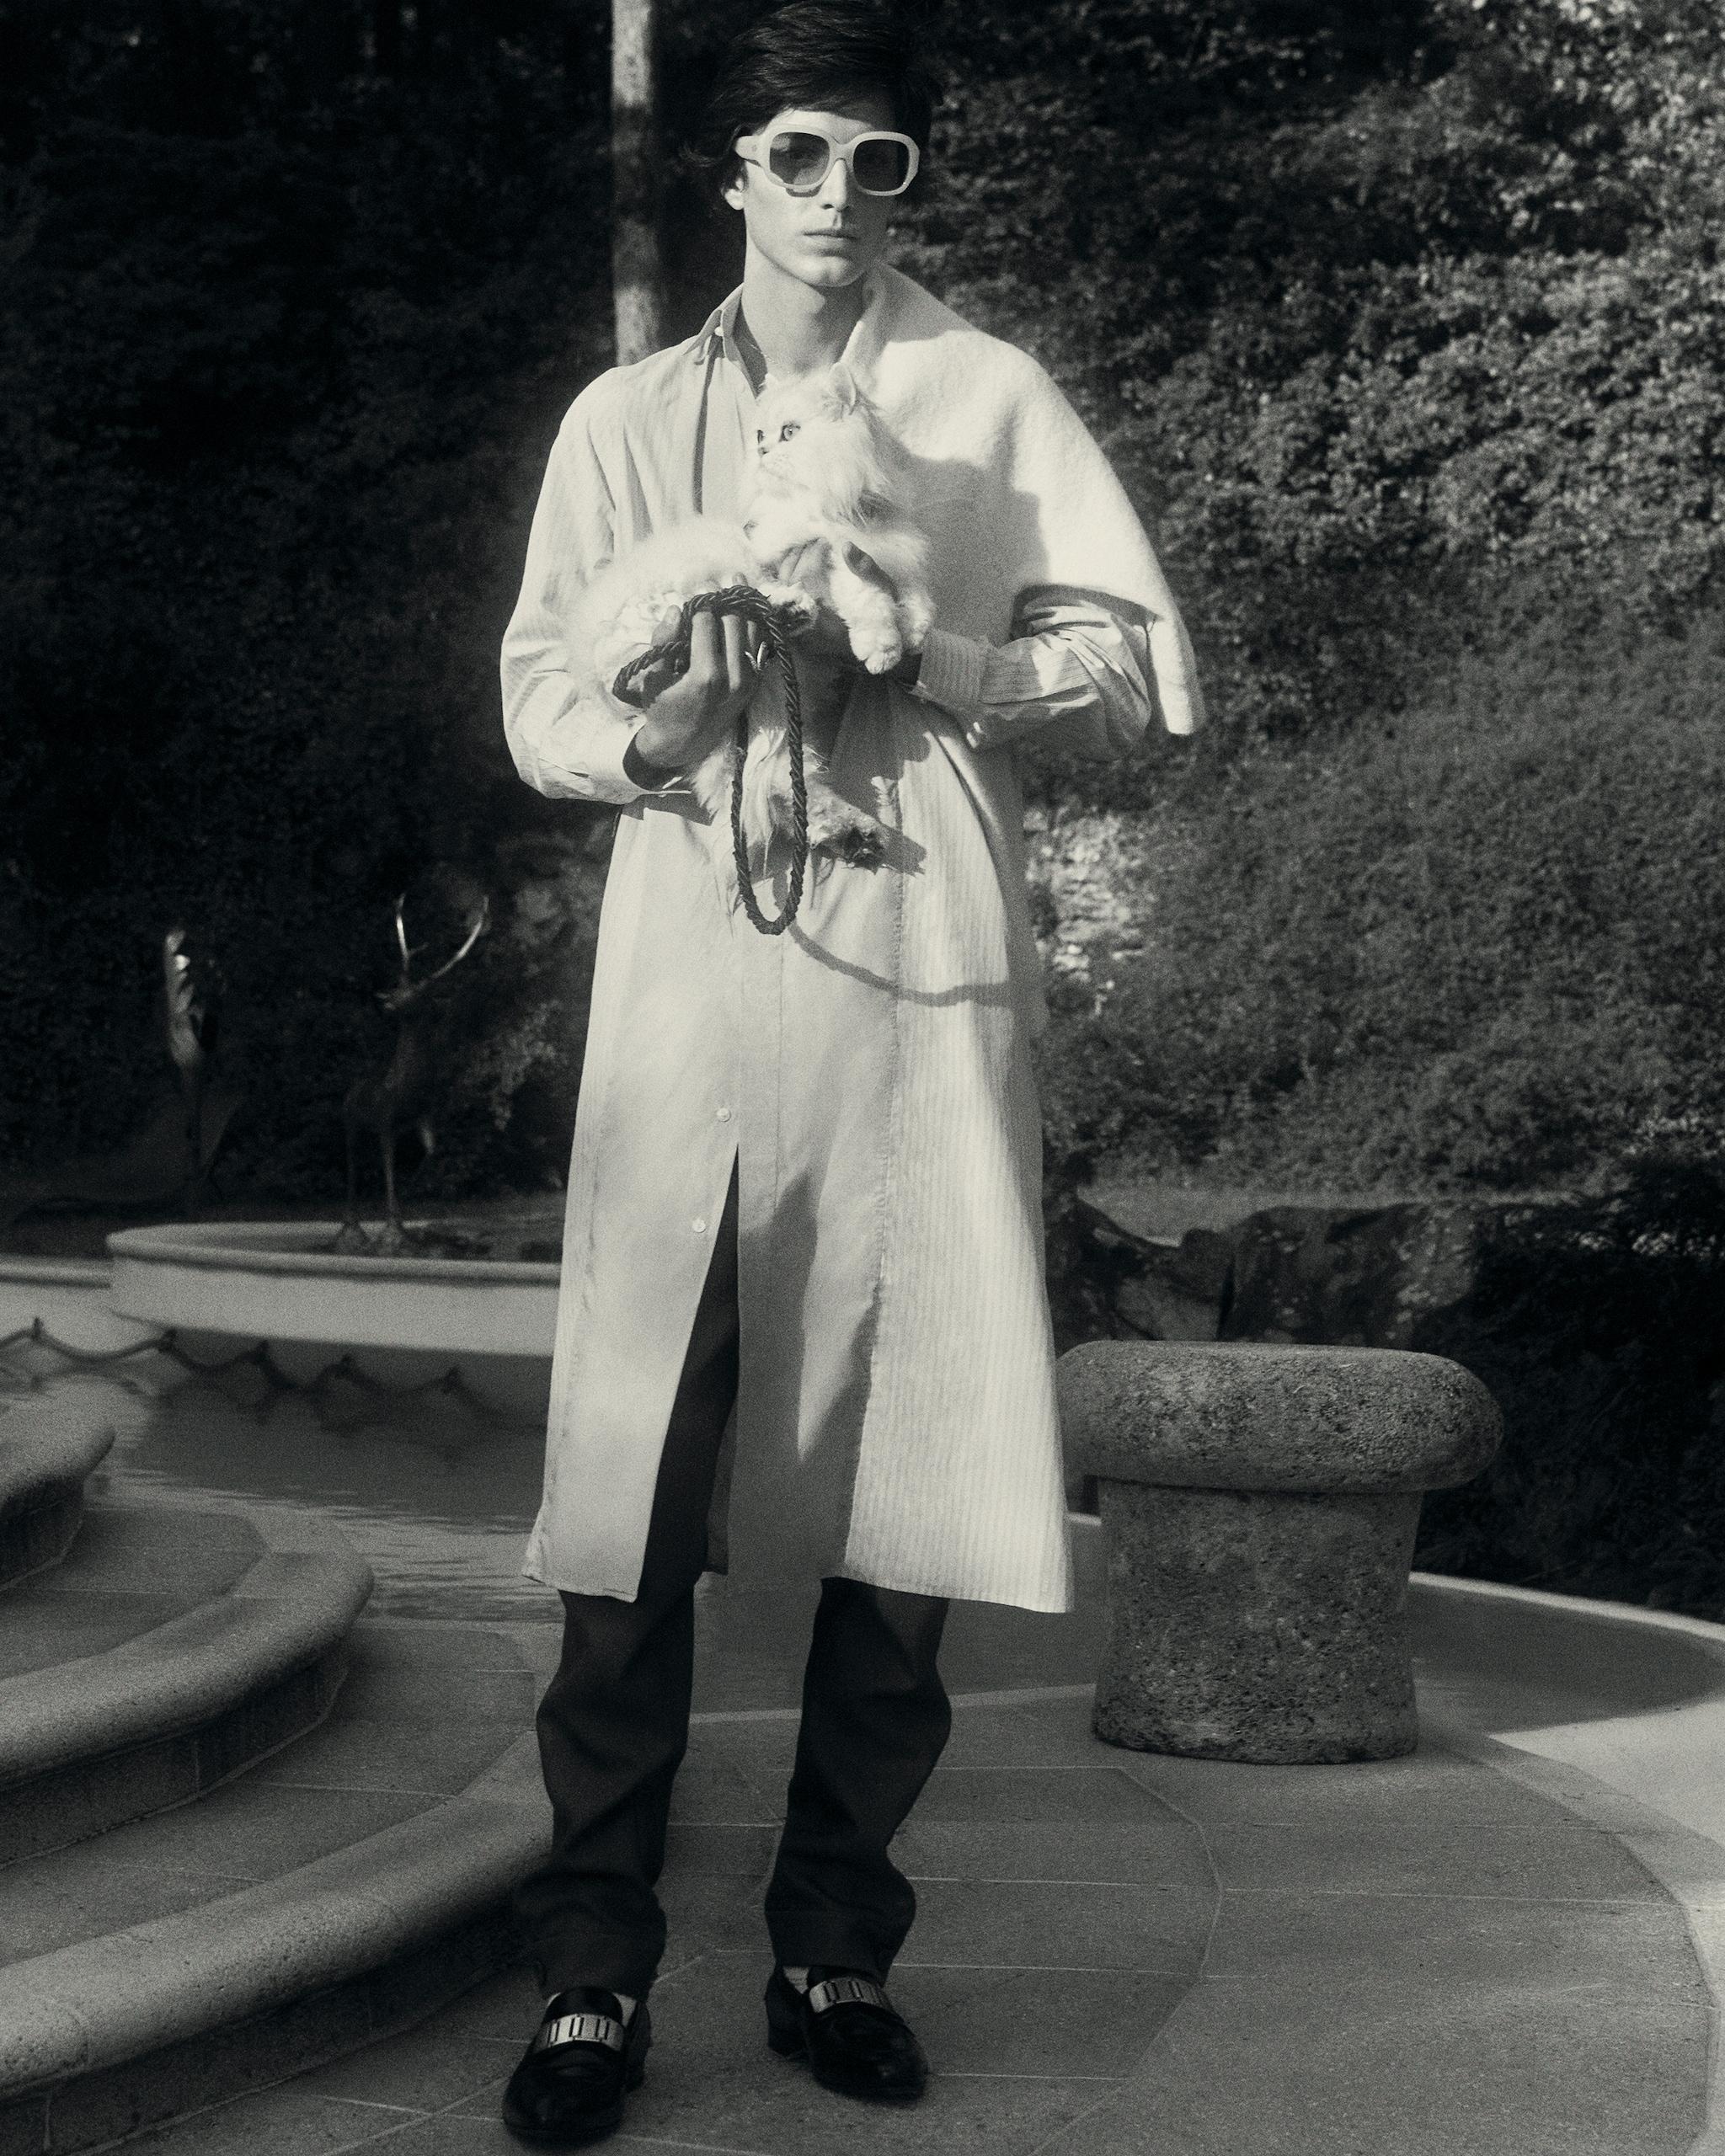 Maglione in lana, GUCCI. Camicia in popeline di cotone e pantaloni in mohair, lana e seta. Tutto DIOR. Loafer in pelle con fascia in metallo, DUNHILL. Occhiali da sole, PORT TANGER (325 $). Anello in argento con agata,  LA METROPCOMPAGNIE (267 €).